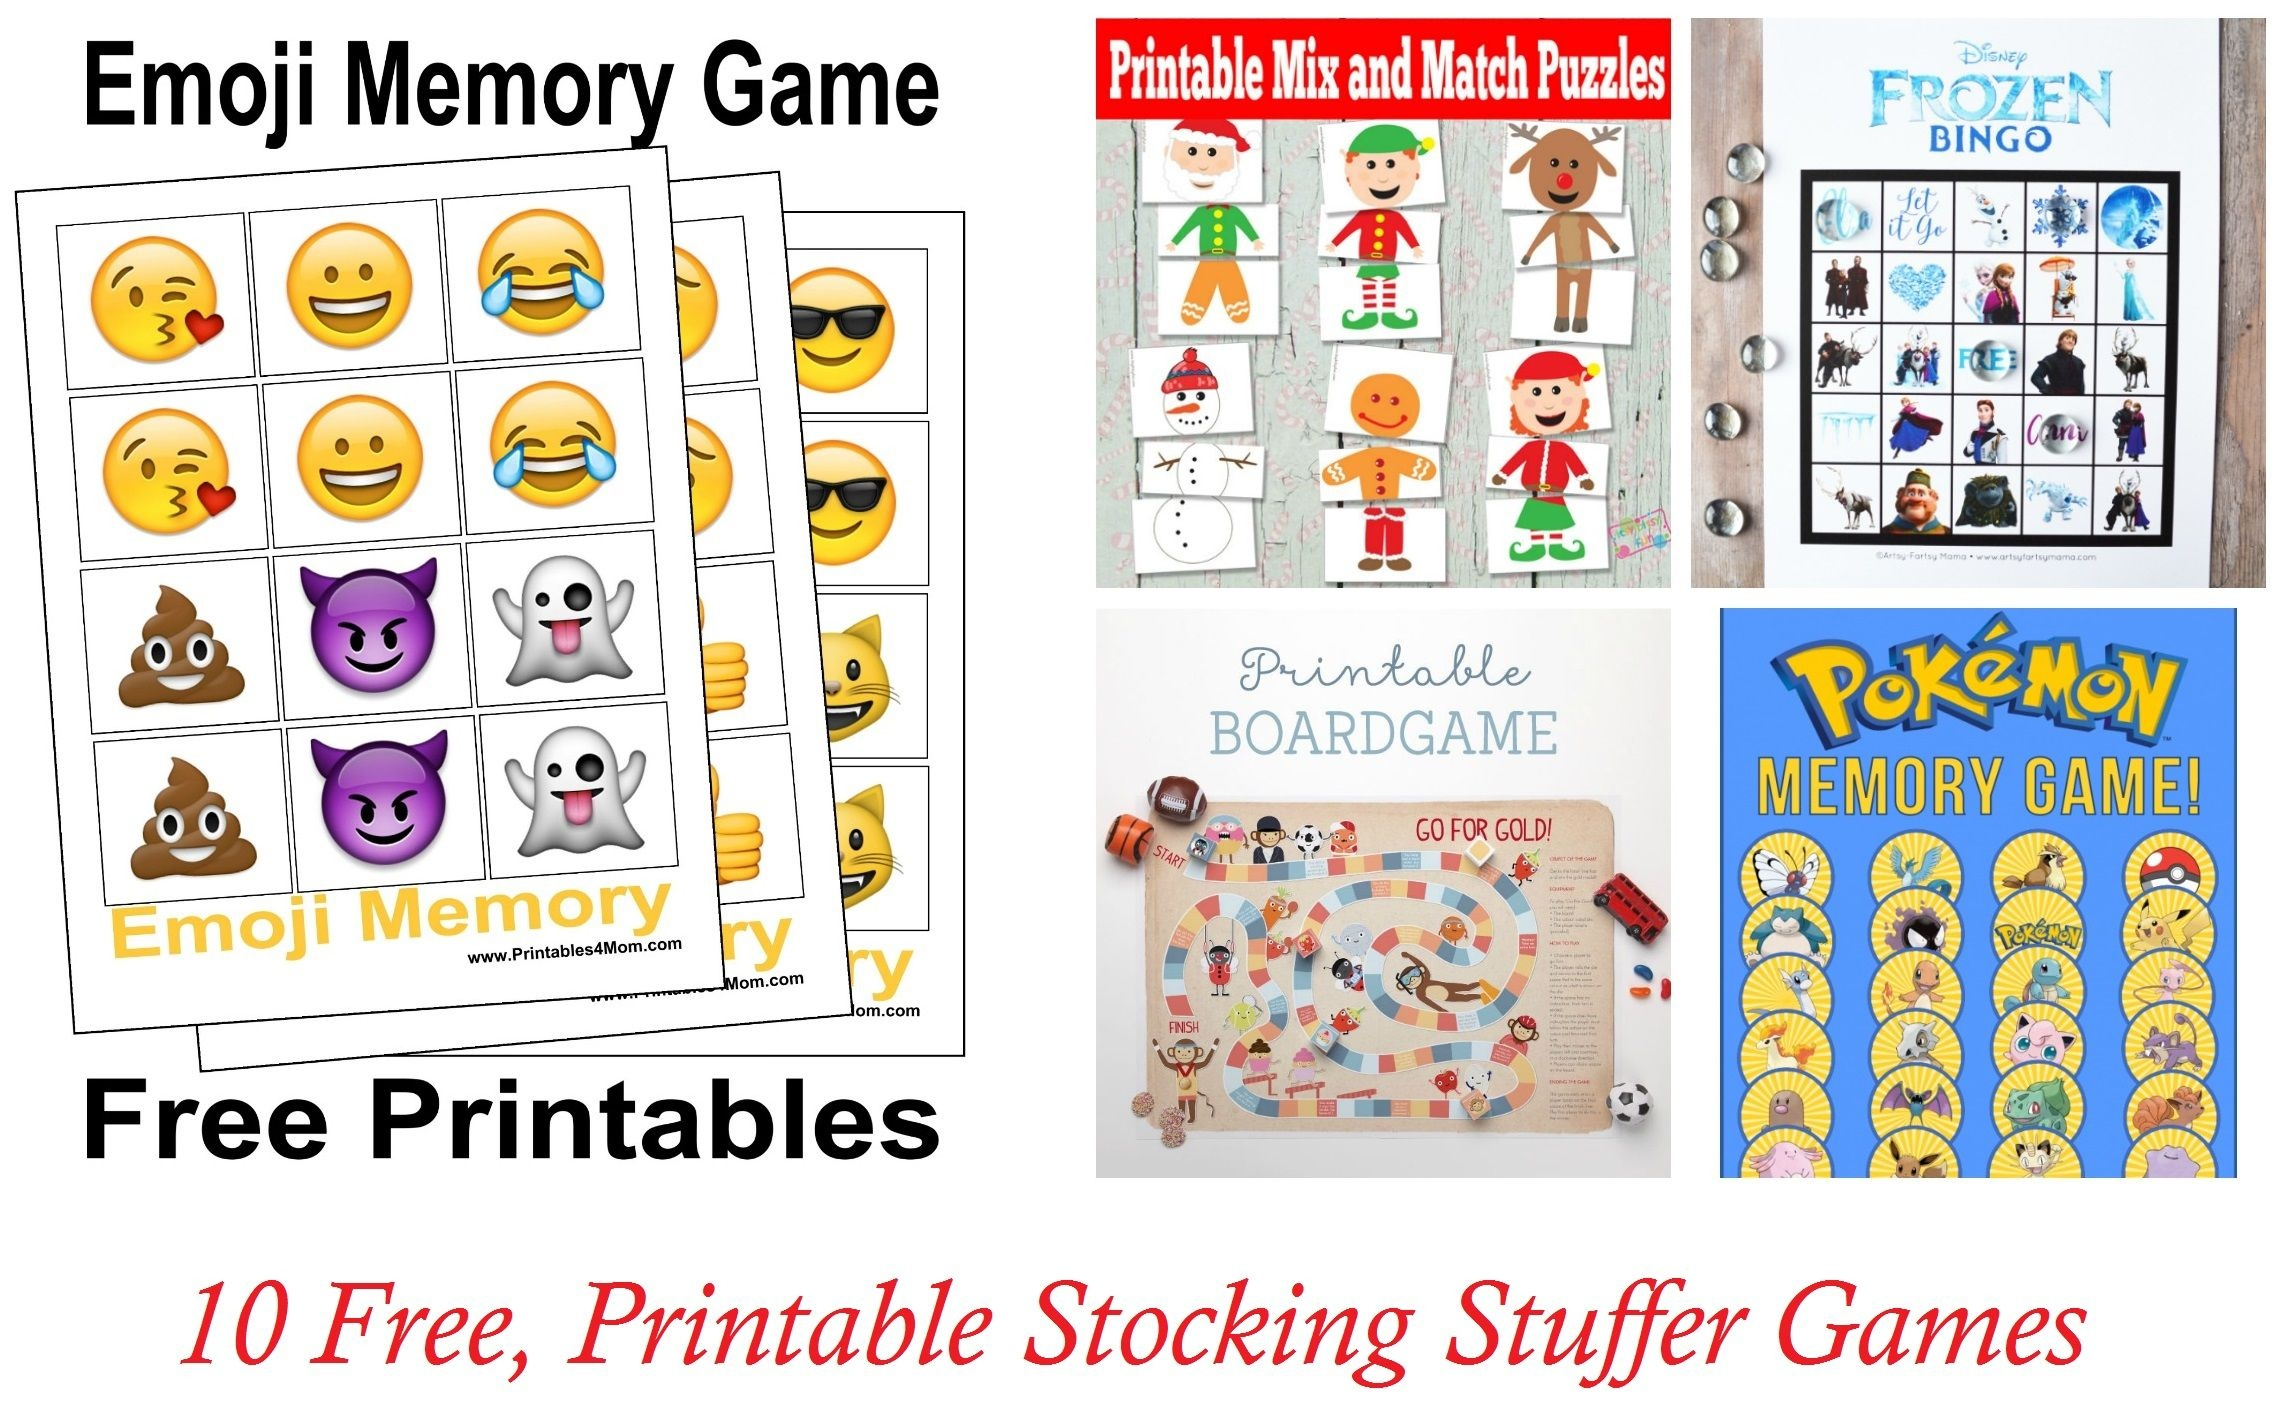 10 Free, Last Minute Printable Stocking Stuffer Games - Free Printable Stocking Stuffers